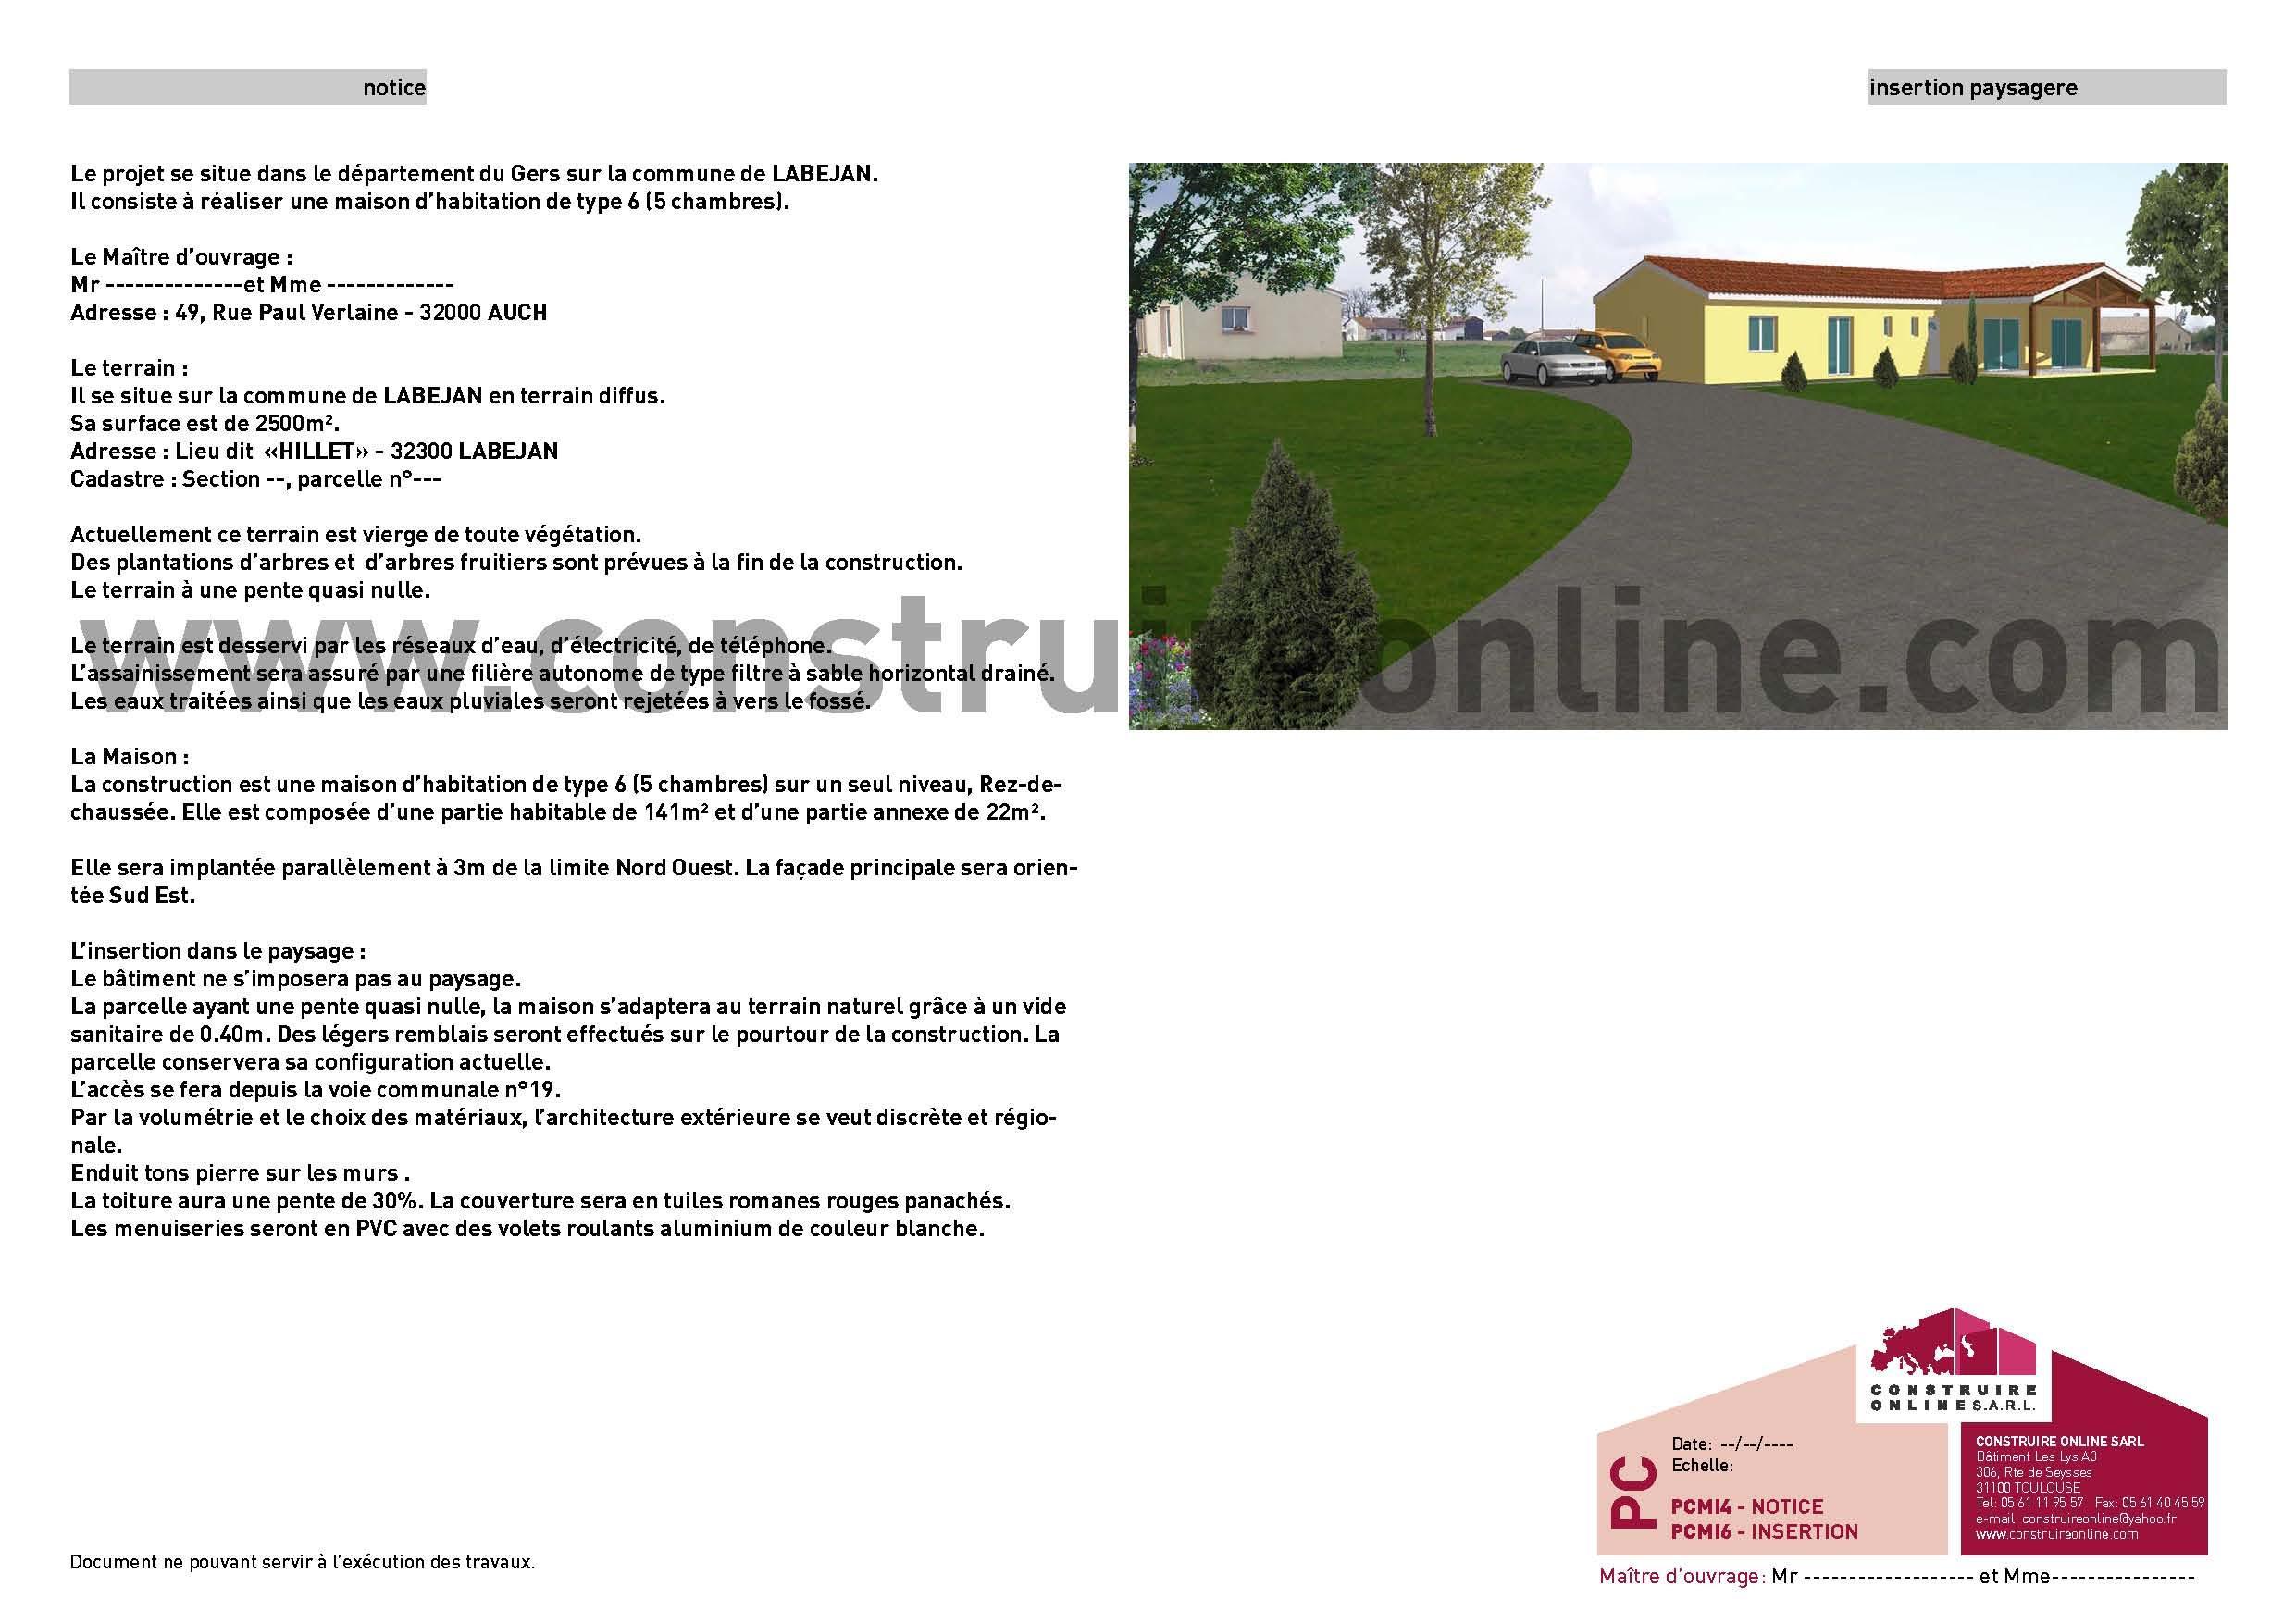 Pi ce pcmi4 permis de construire de maison individuelle for Extension maison 30m2 permis de construire